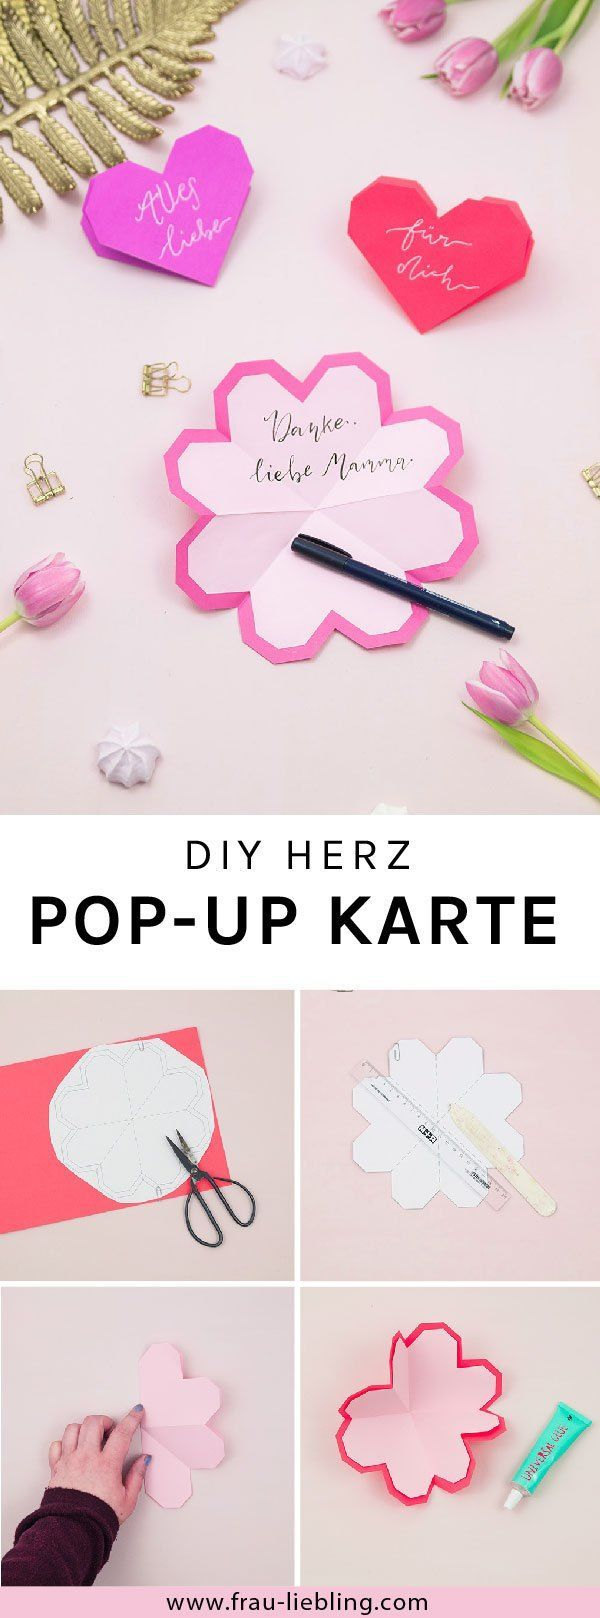 So kannst du einfach eine DIY Herz Pop-Up Karte basteln